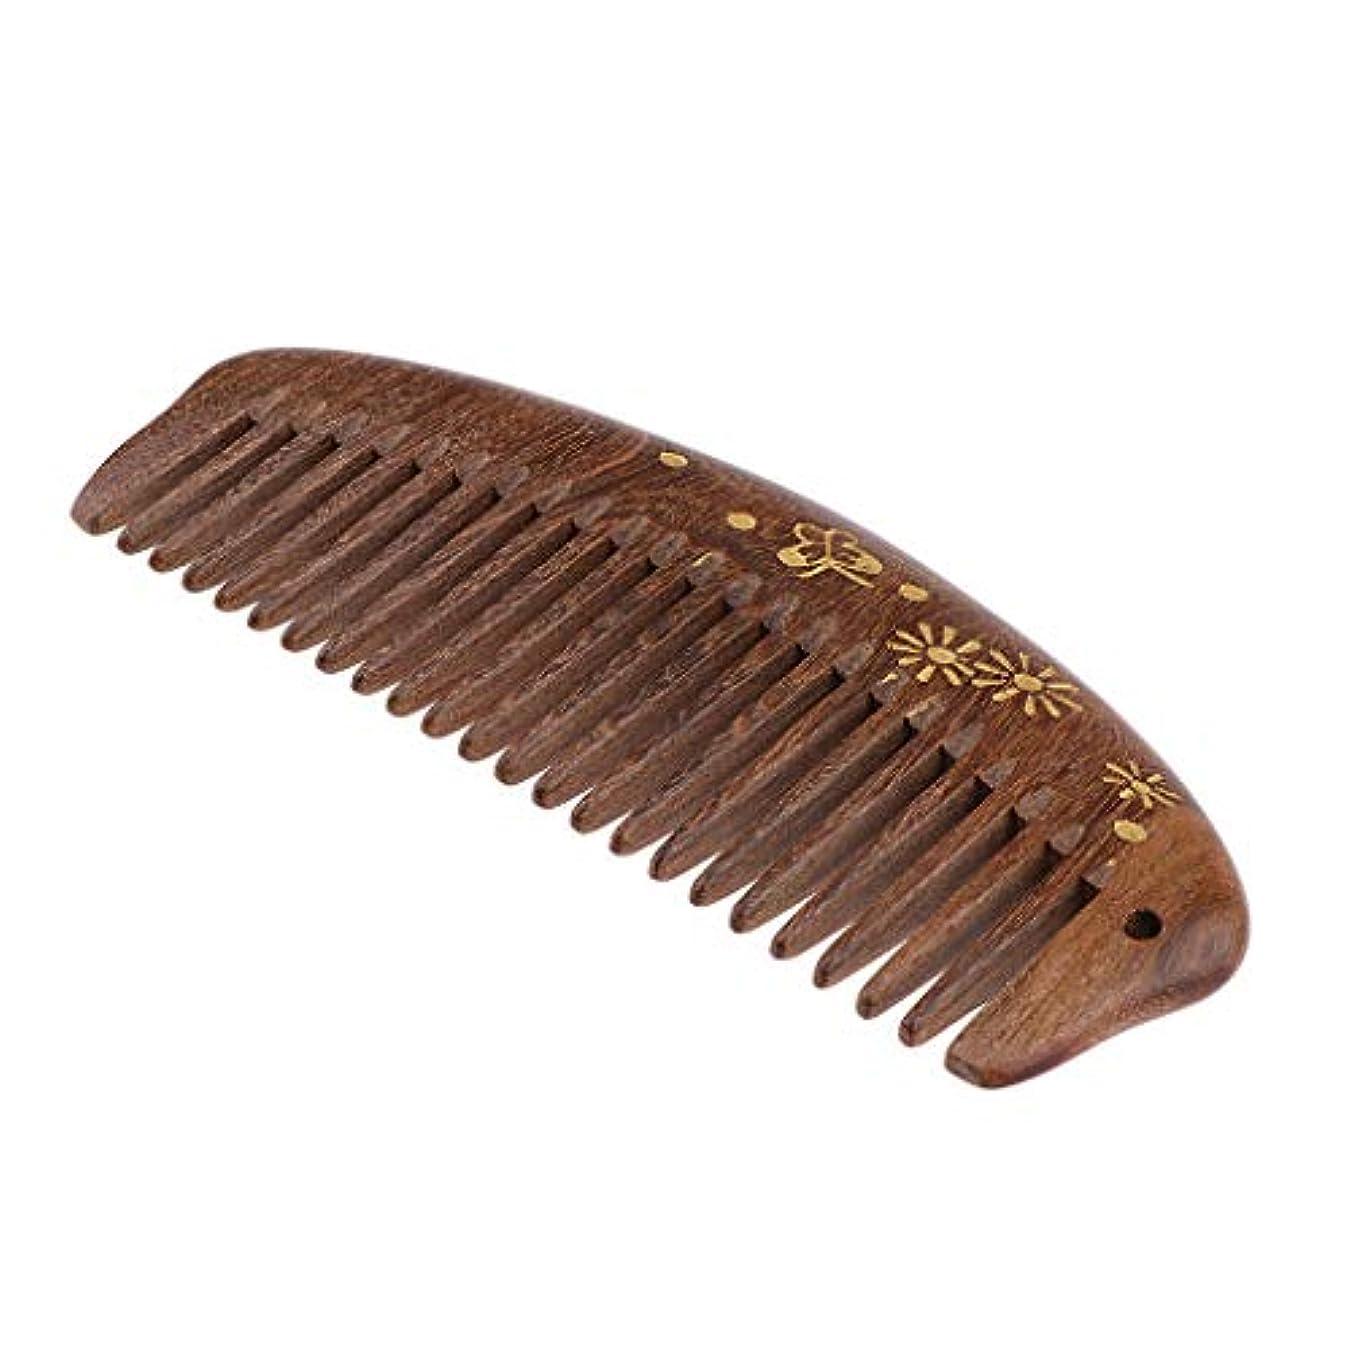 エレメンタルコジオスコバウンド帯電防止櫛 ウッドコーム 櫛 頭皮マッサージ 携帯便利 3仕様選べ - 中歯